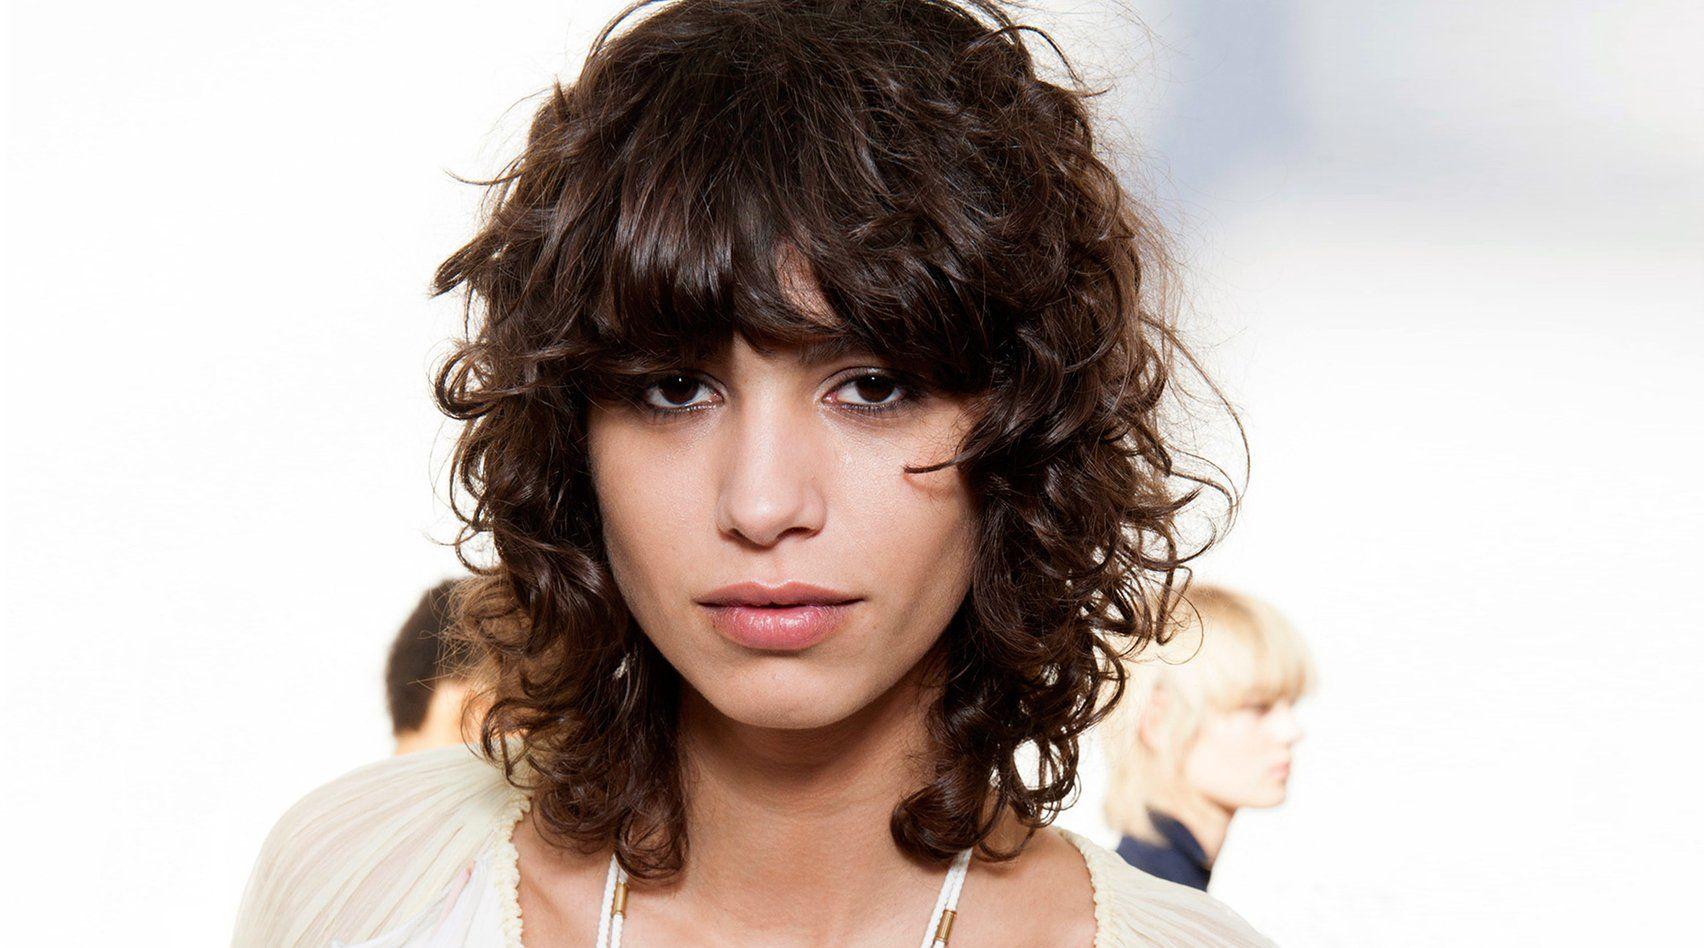 Das sind die 5 Trend-Frisuren, die jetzt alle Models tragen